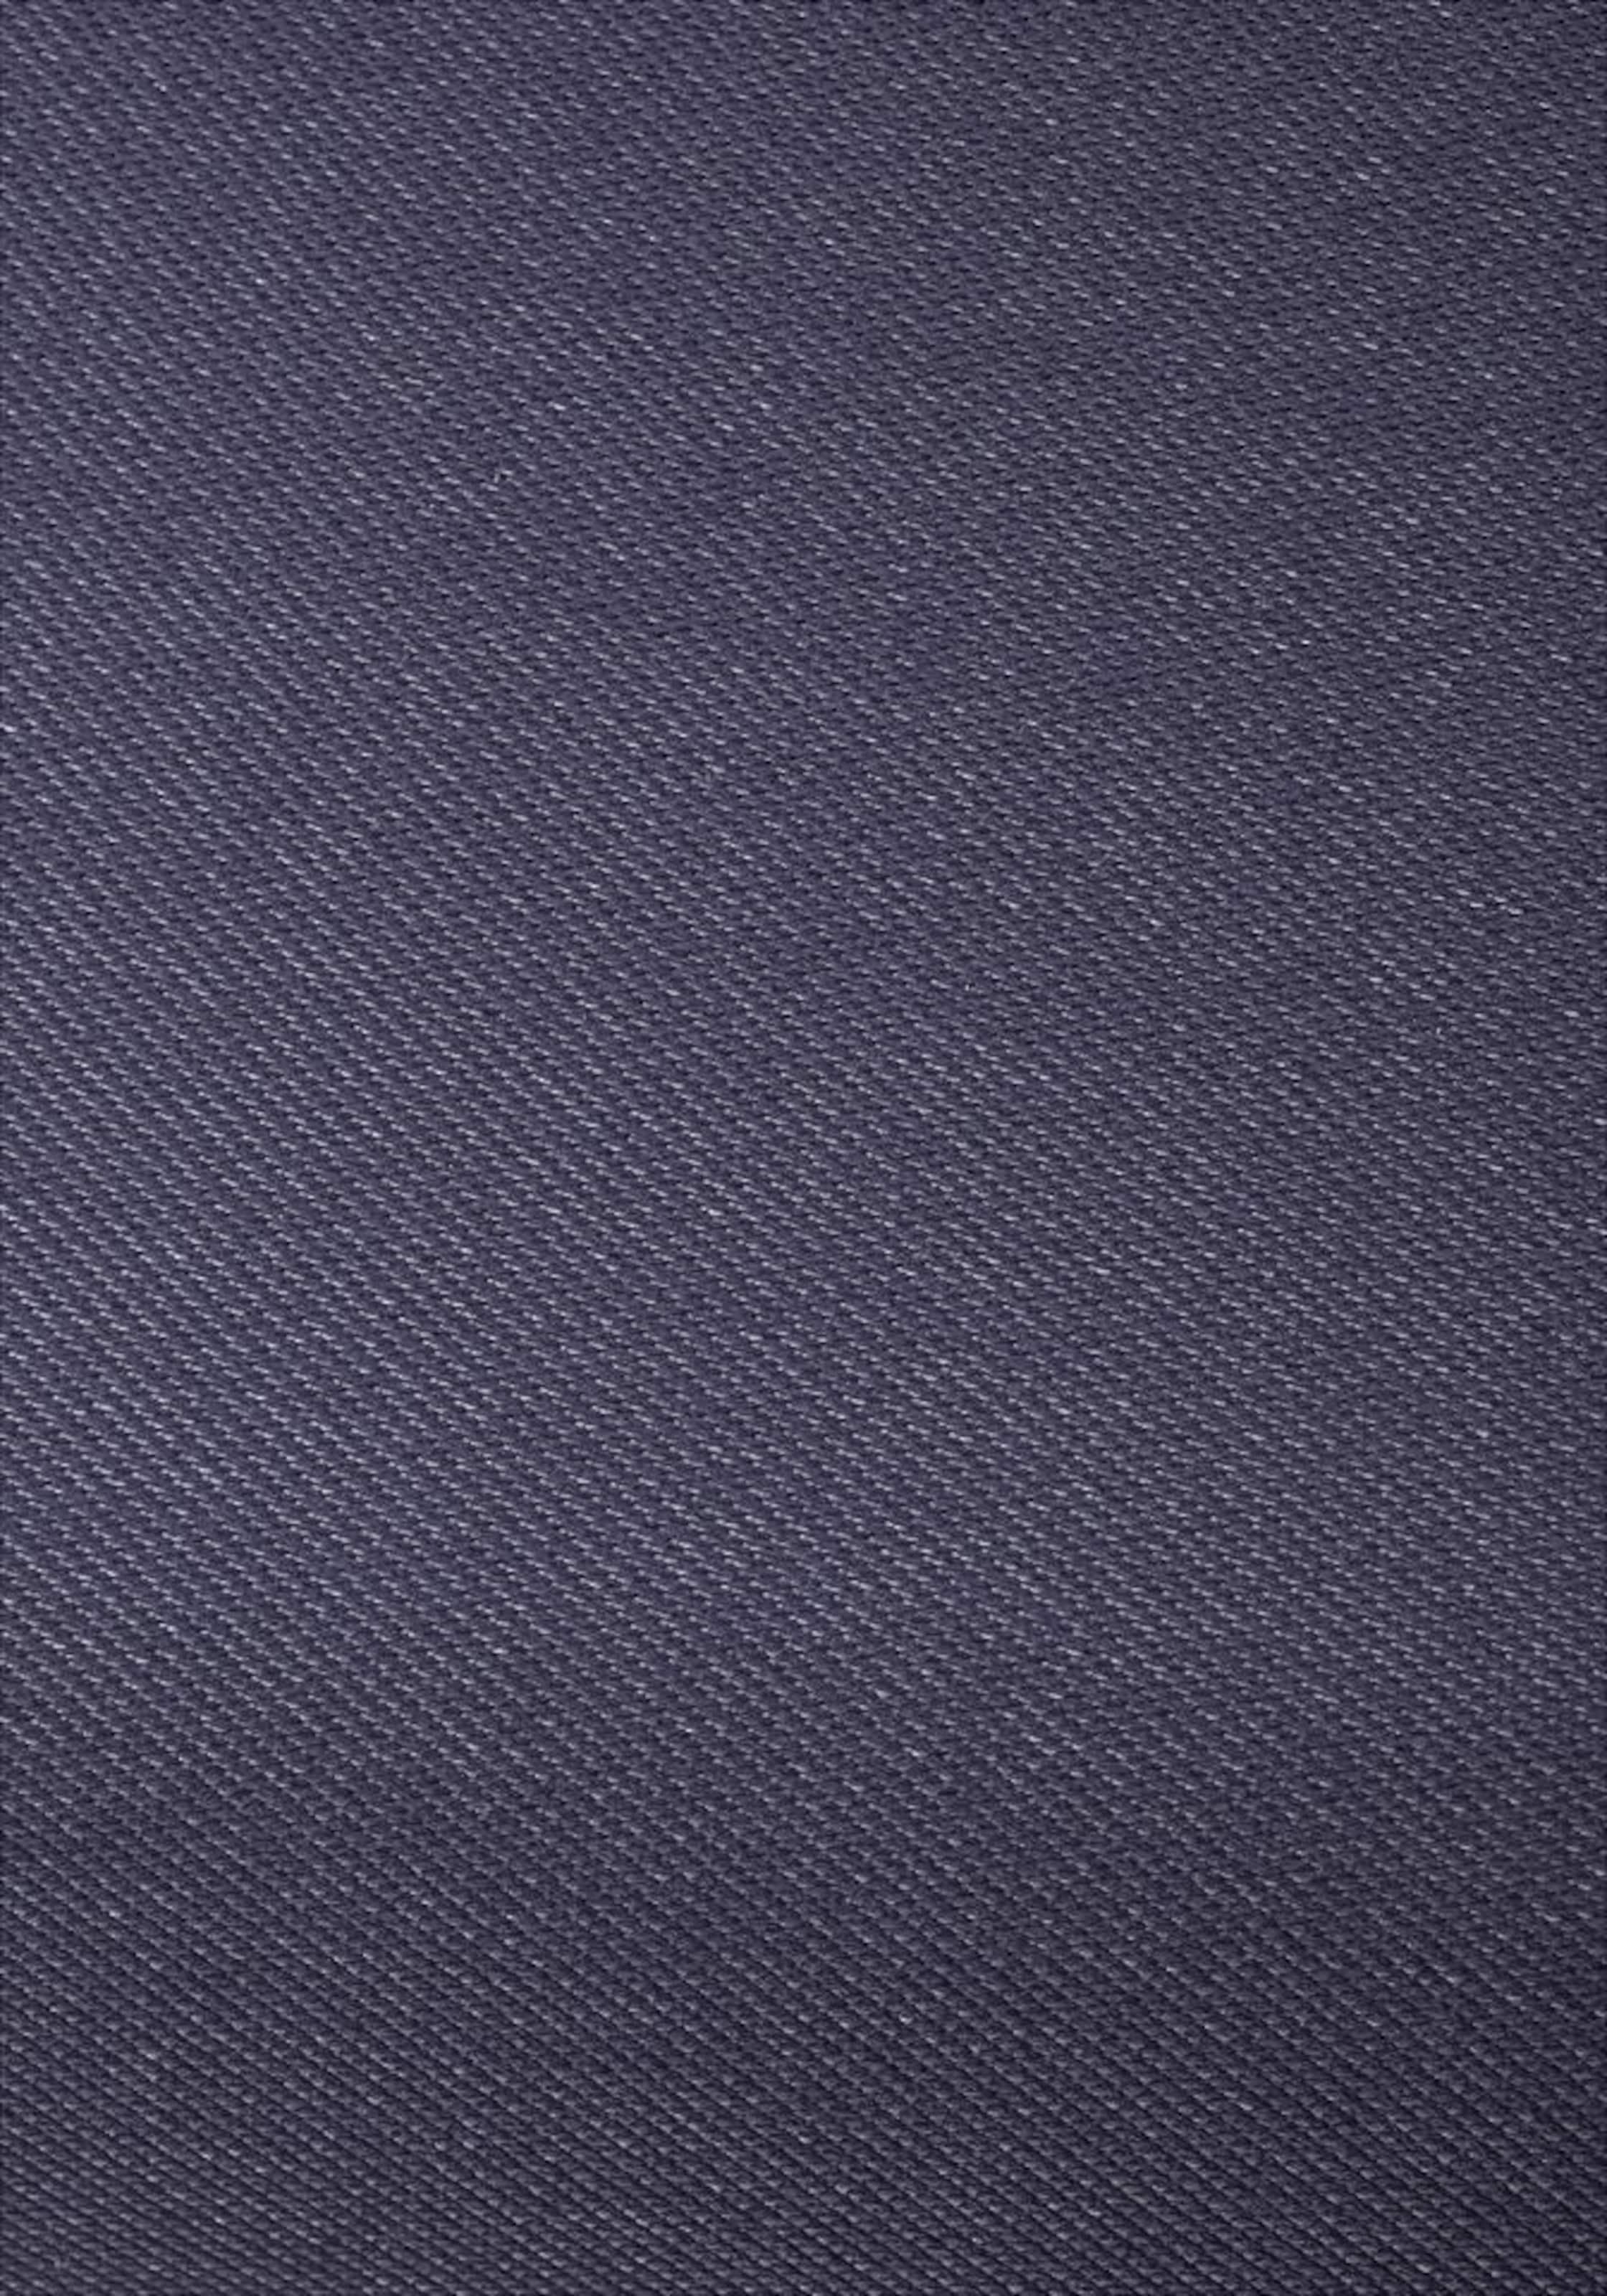 Denim top Bustier Sunseeker Blue In VzMGSUpq